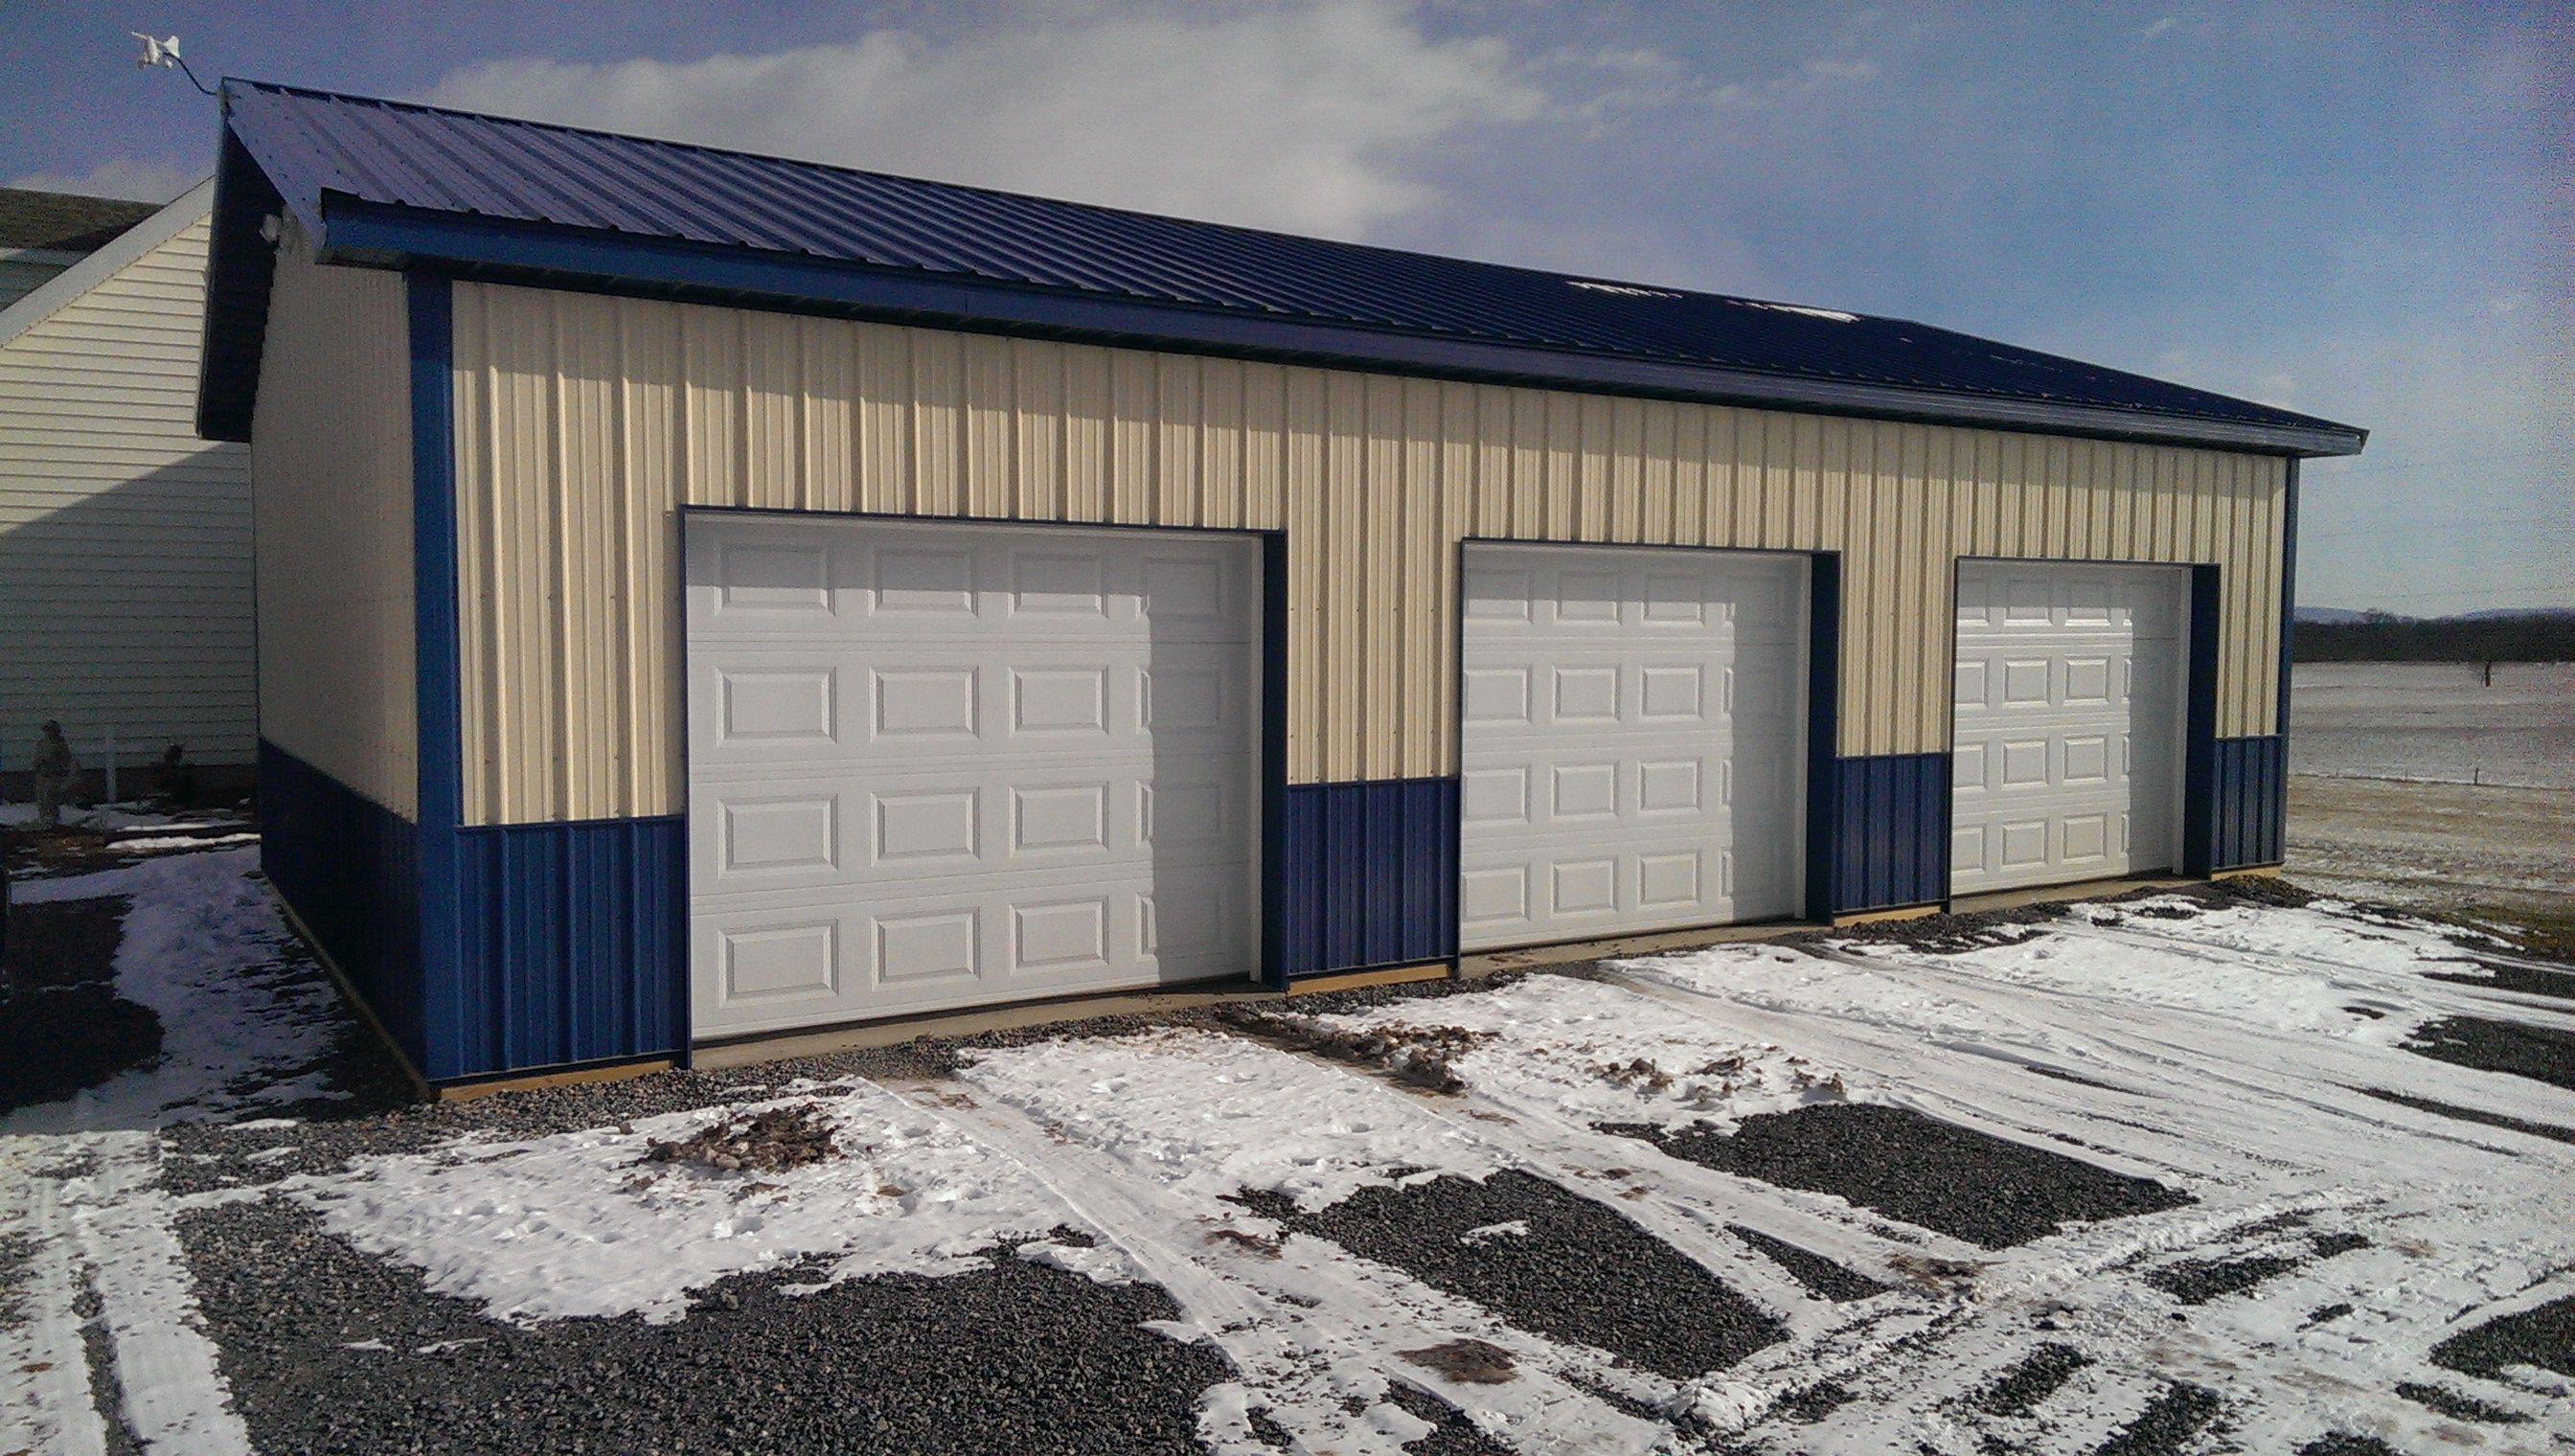 3 car pole barn garage 3cargarage garage pole barn for 3 car garage pole barn